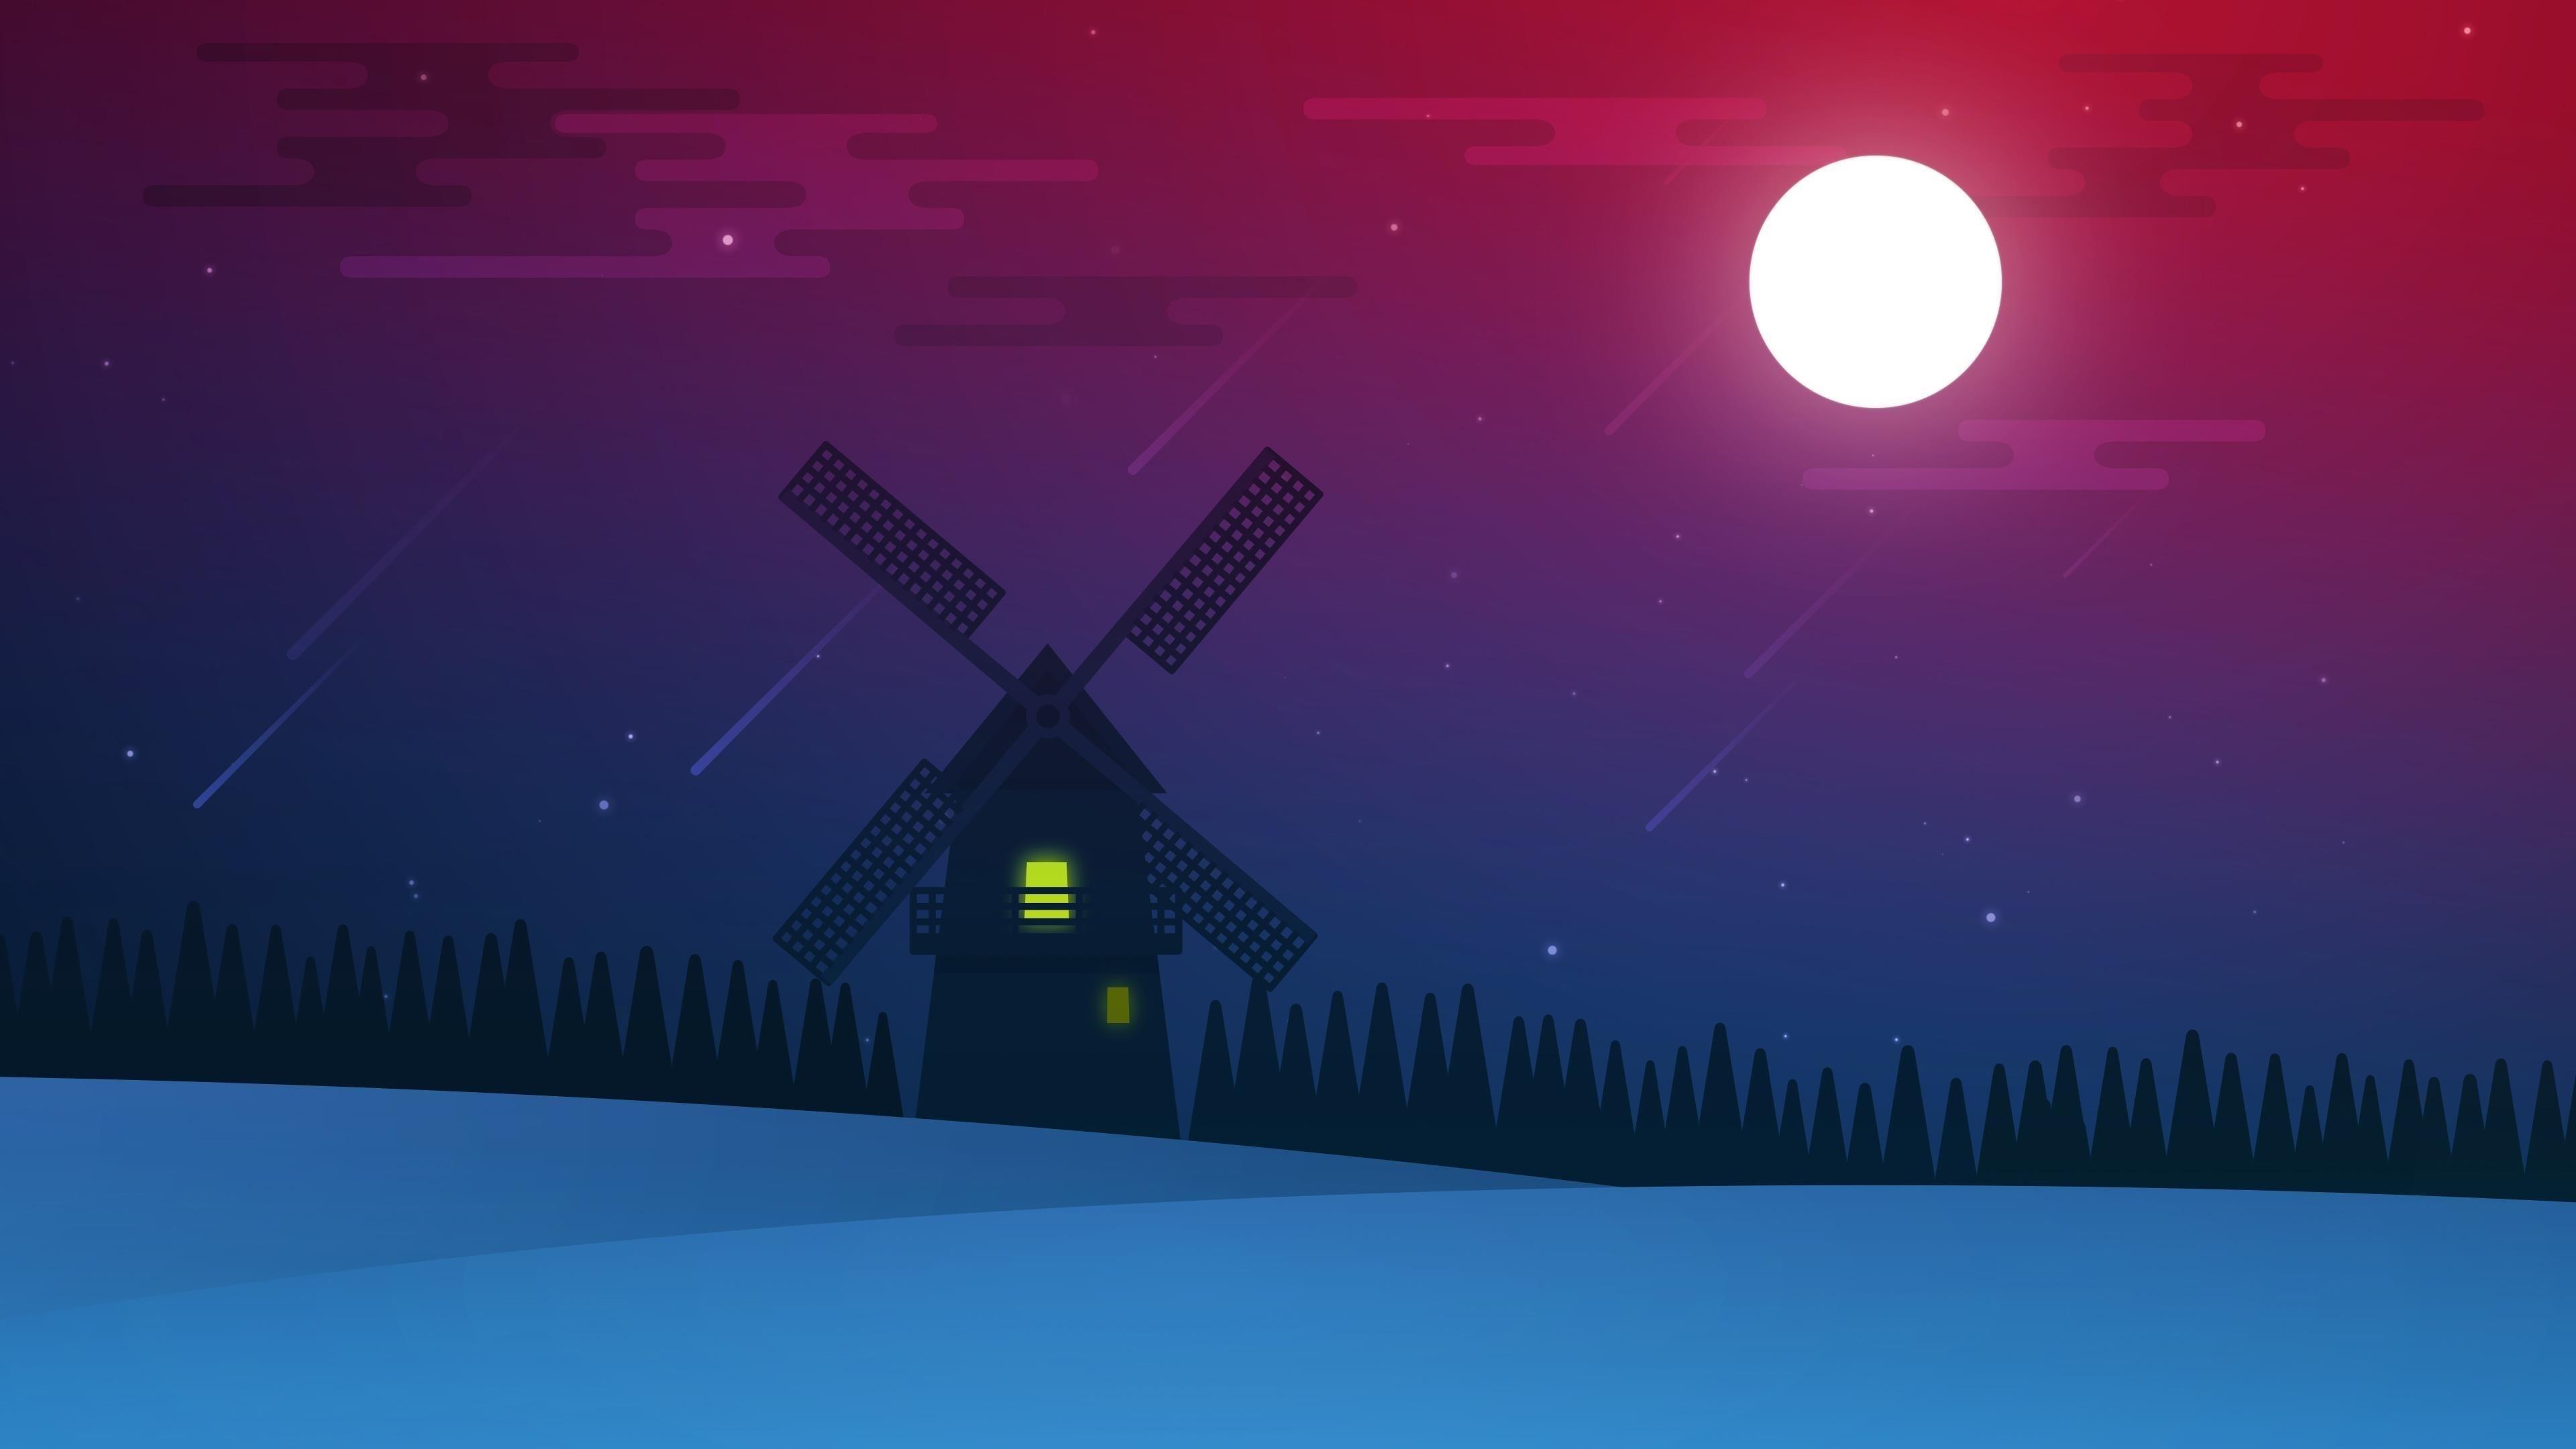 Полнолуние ночной пейзаж обои скачать